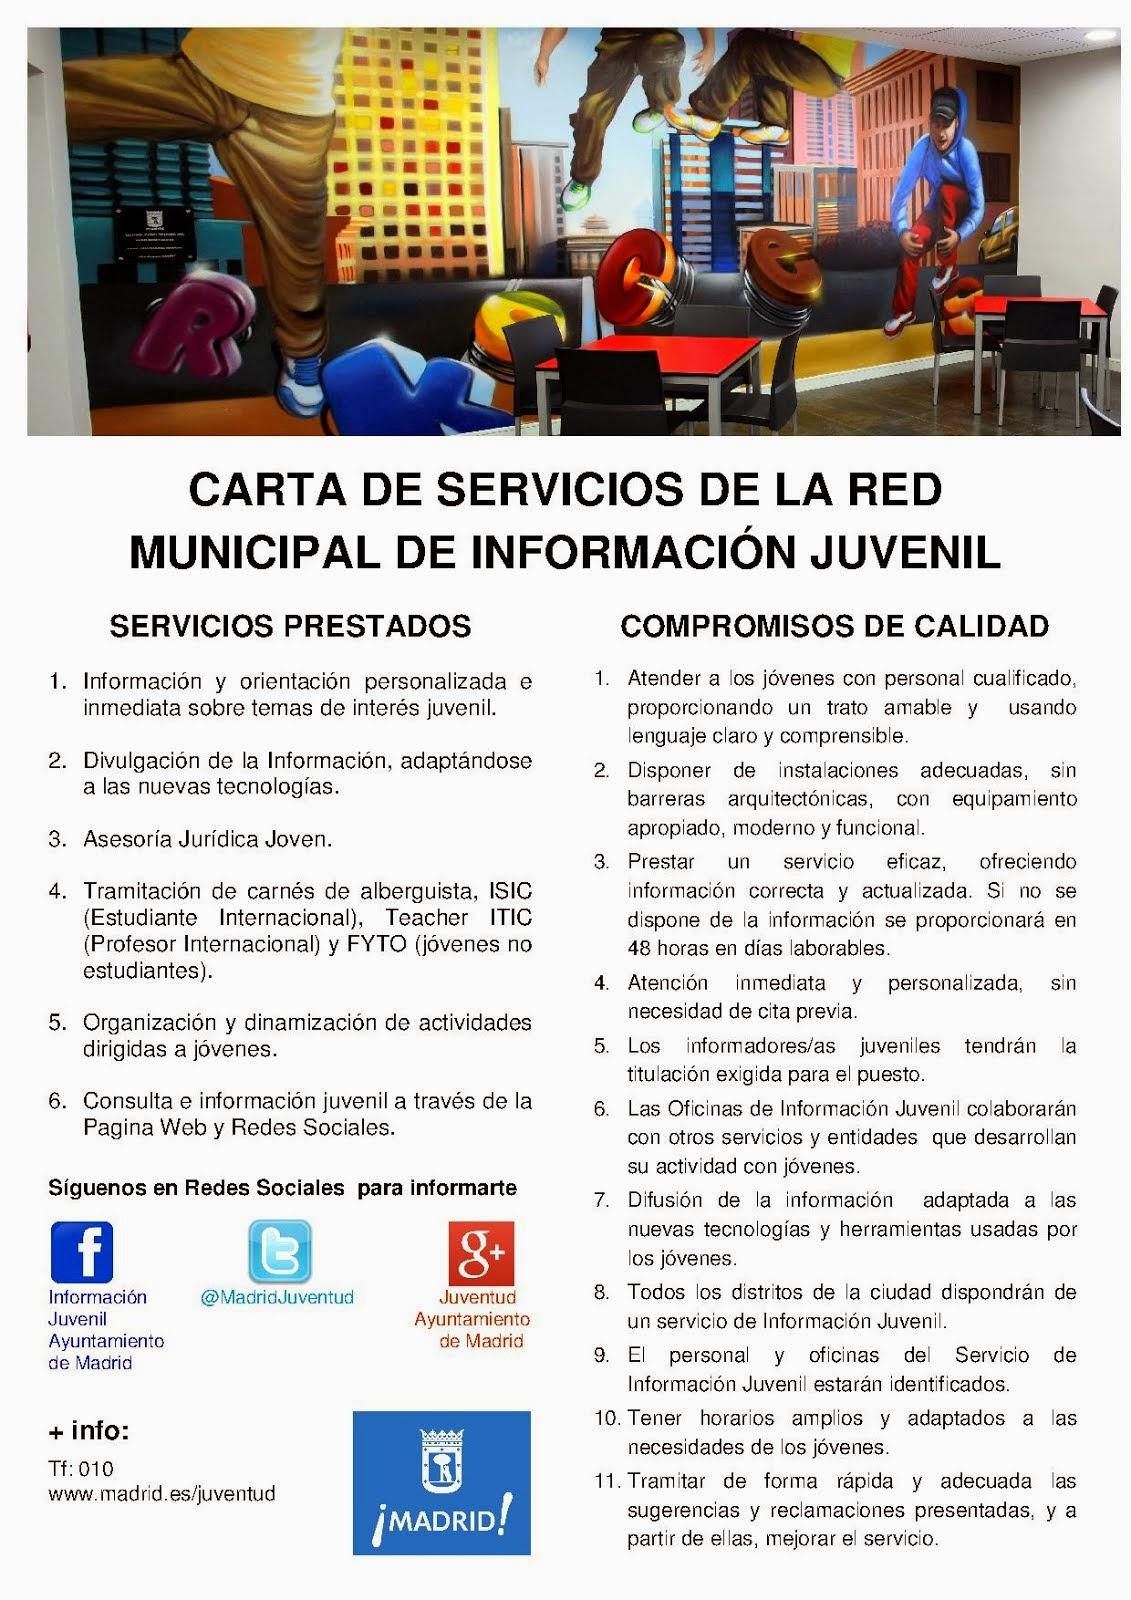 Carta de servicios del Servicio de Información Juvenil del Ayuntamiento de Madrid